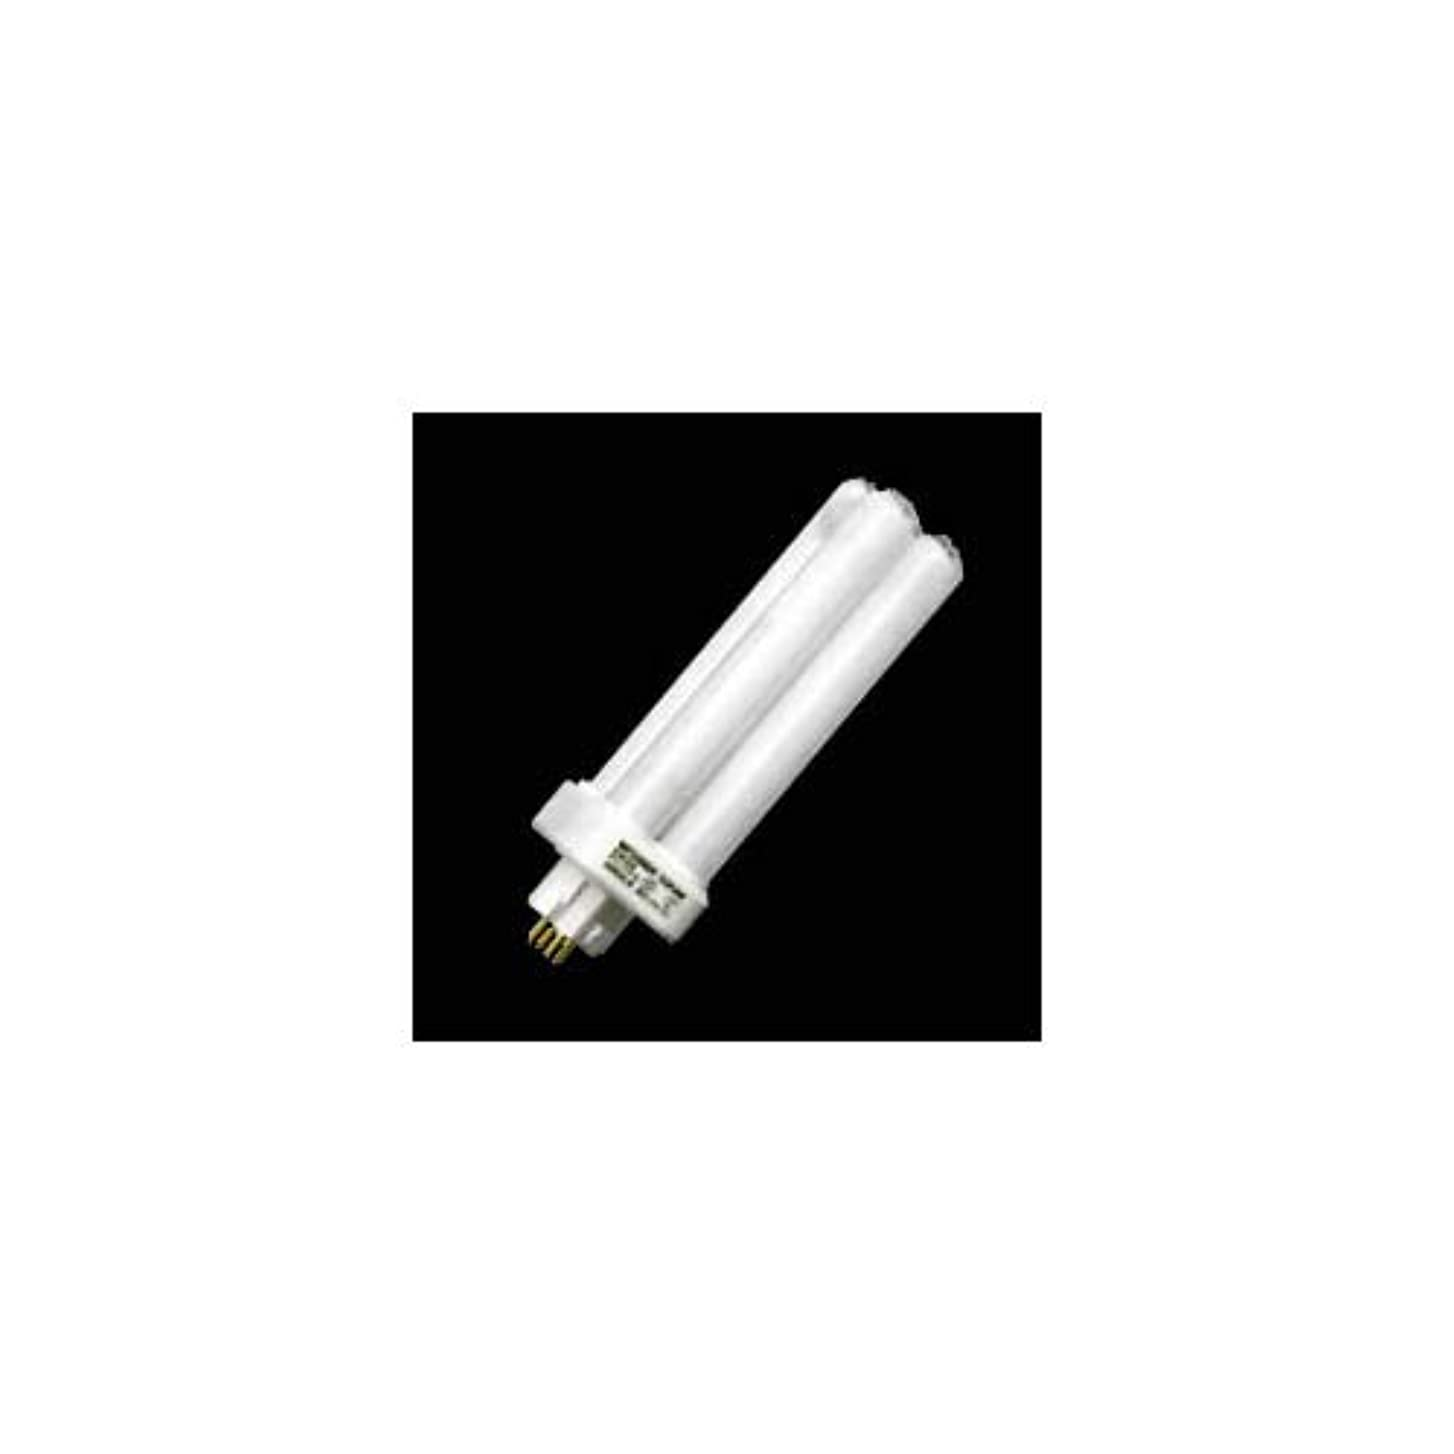 和解する希少性最後にパナソニック ツイン蛍光灯 9形 ナチュラル色 4本束状ブリッジ FDL9EXN